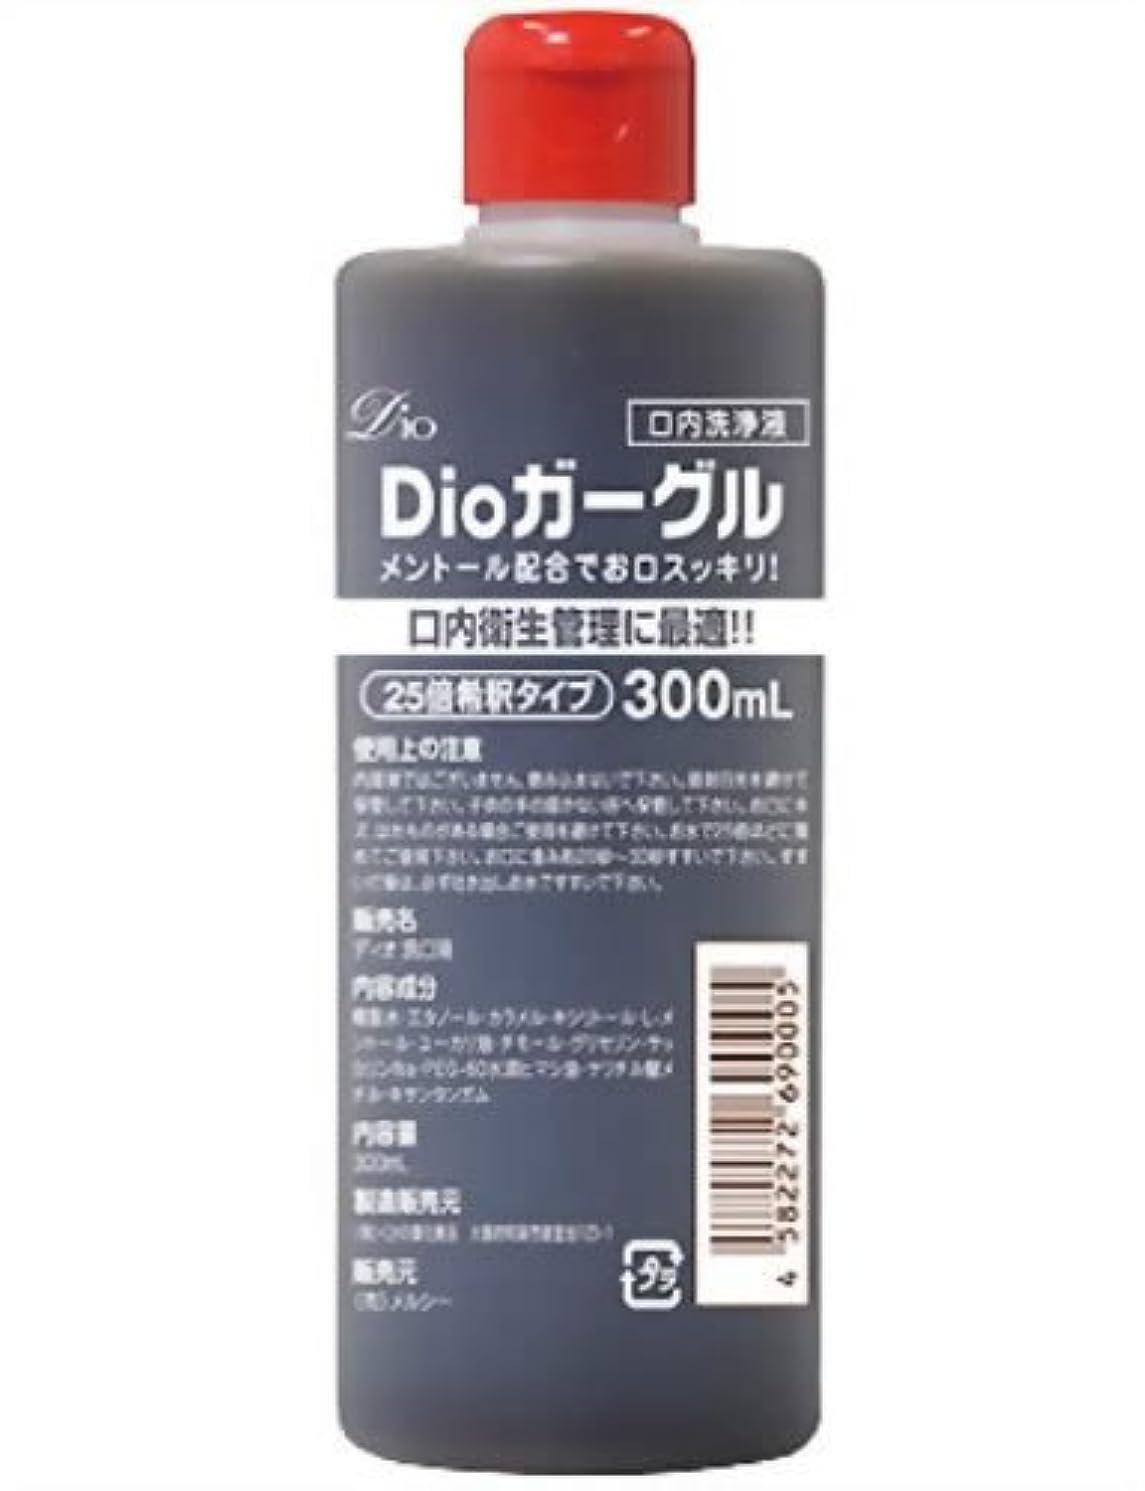 強います中断申請中【業務用】 Dioガーグル 300ml